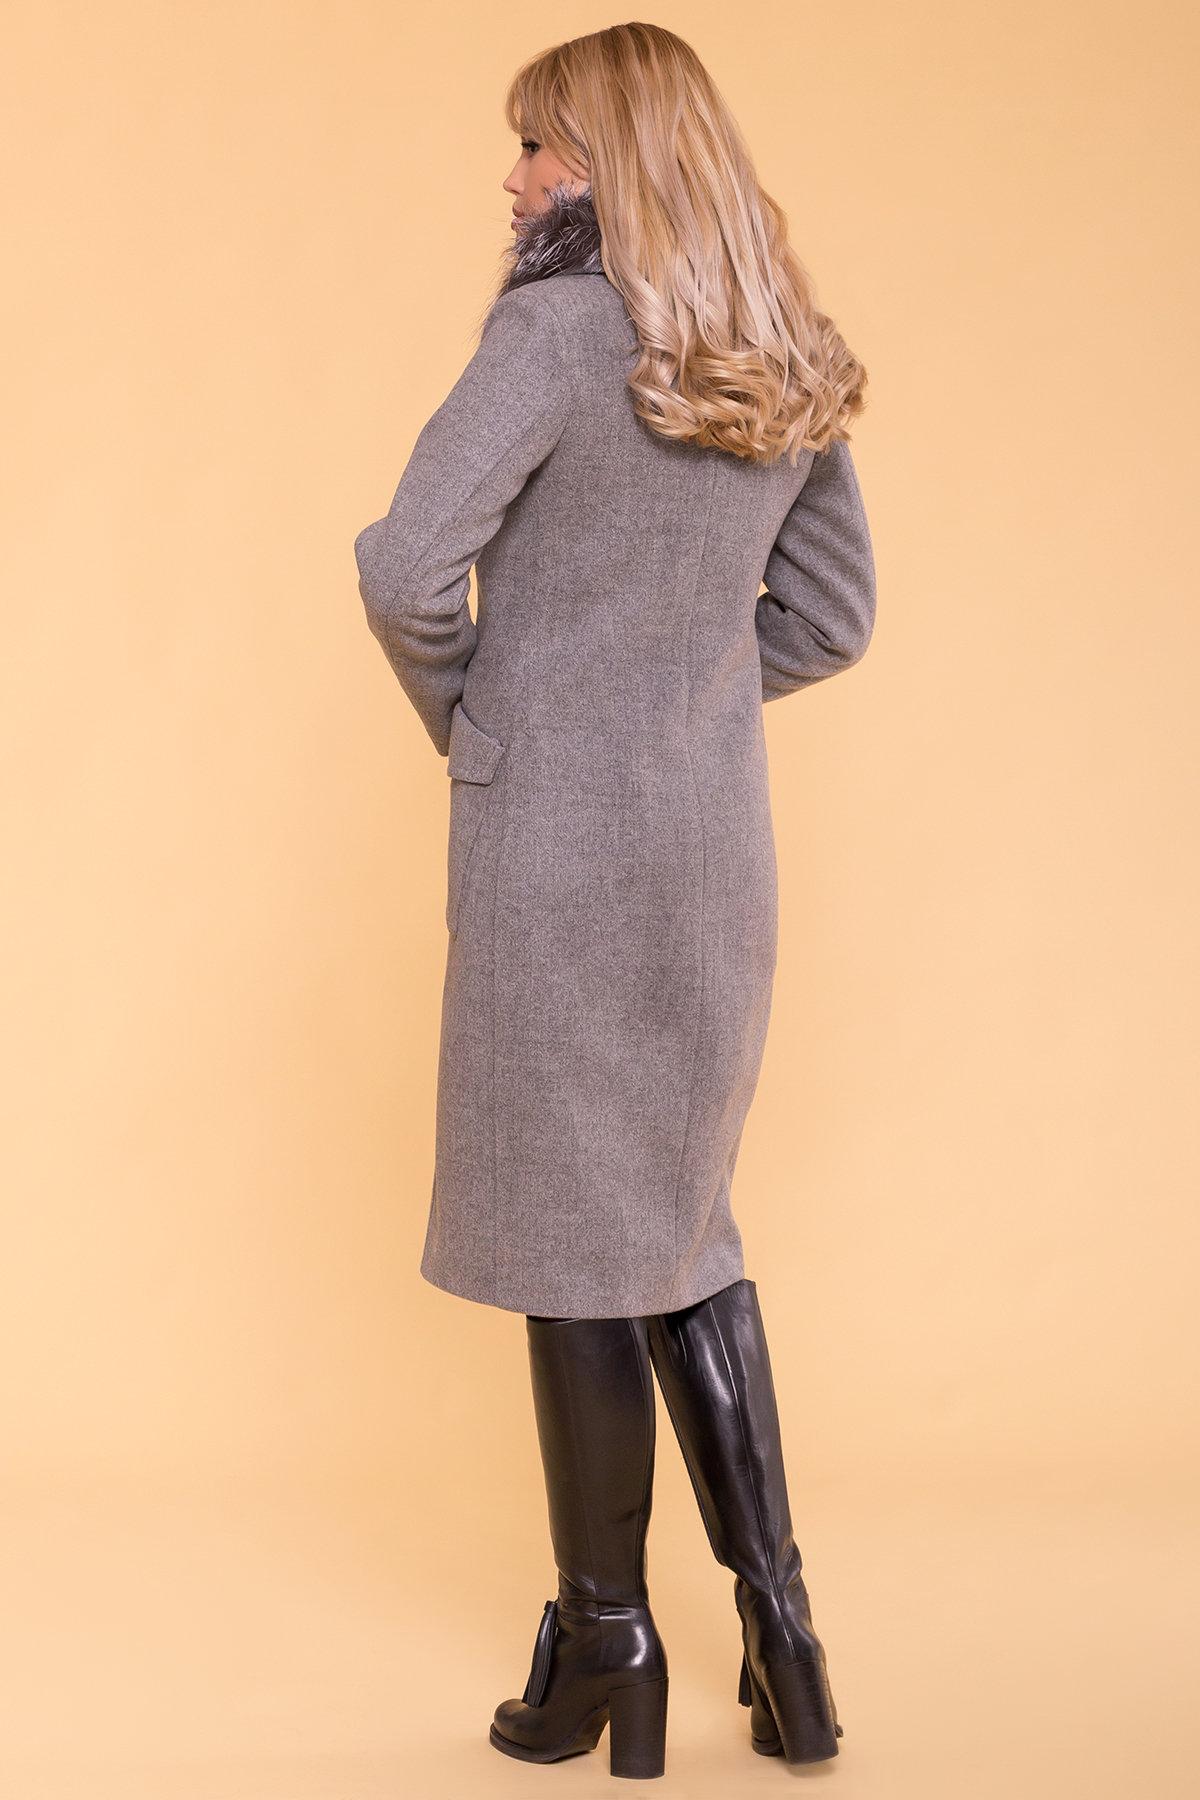 Зимнее пальто с мехом Стейси 5647 АРТ. 37855 Цвет: Серый 18 - фото 3, интернет магазин tm-modus.ru